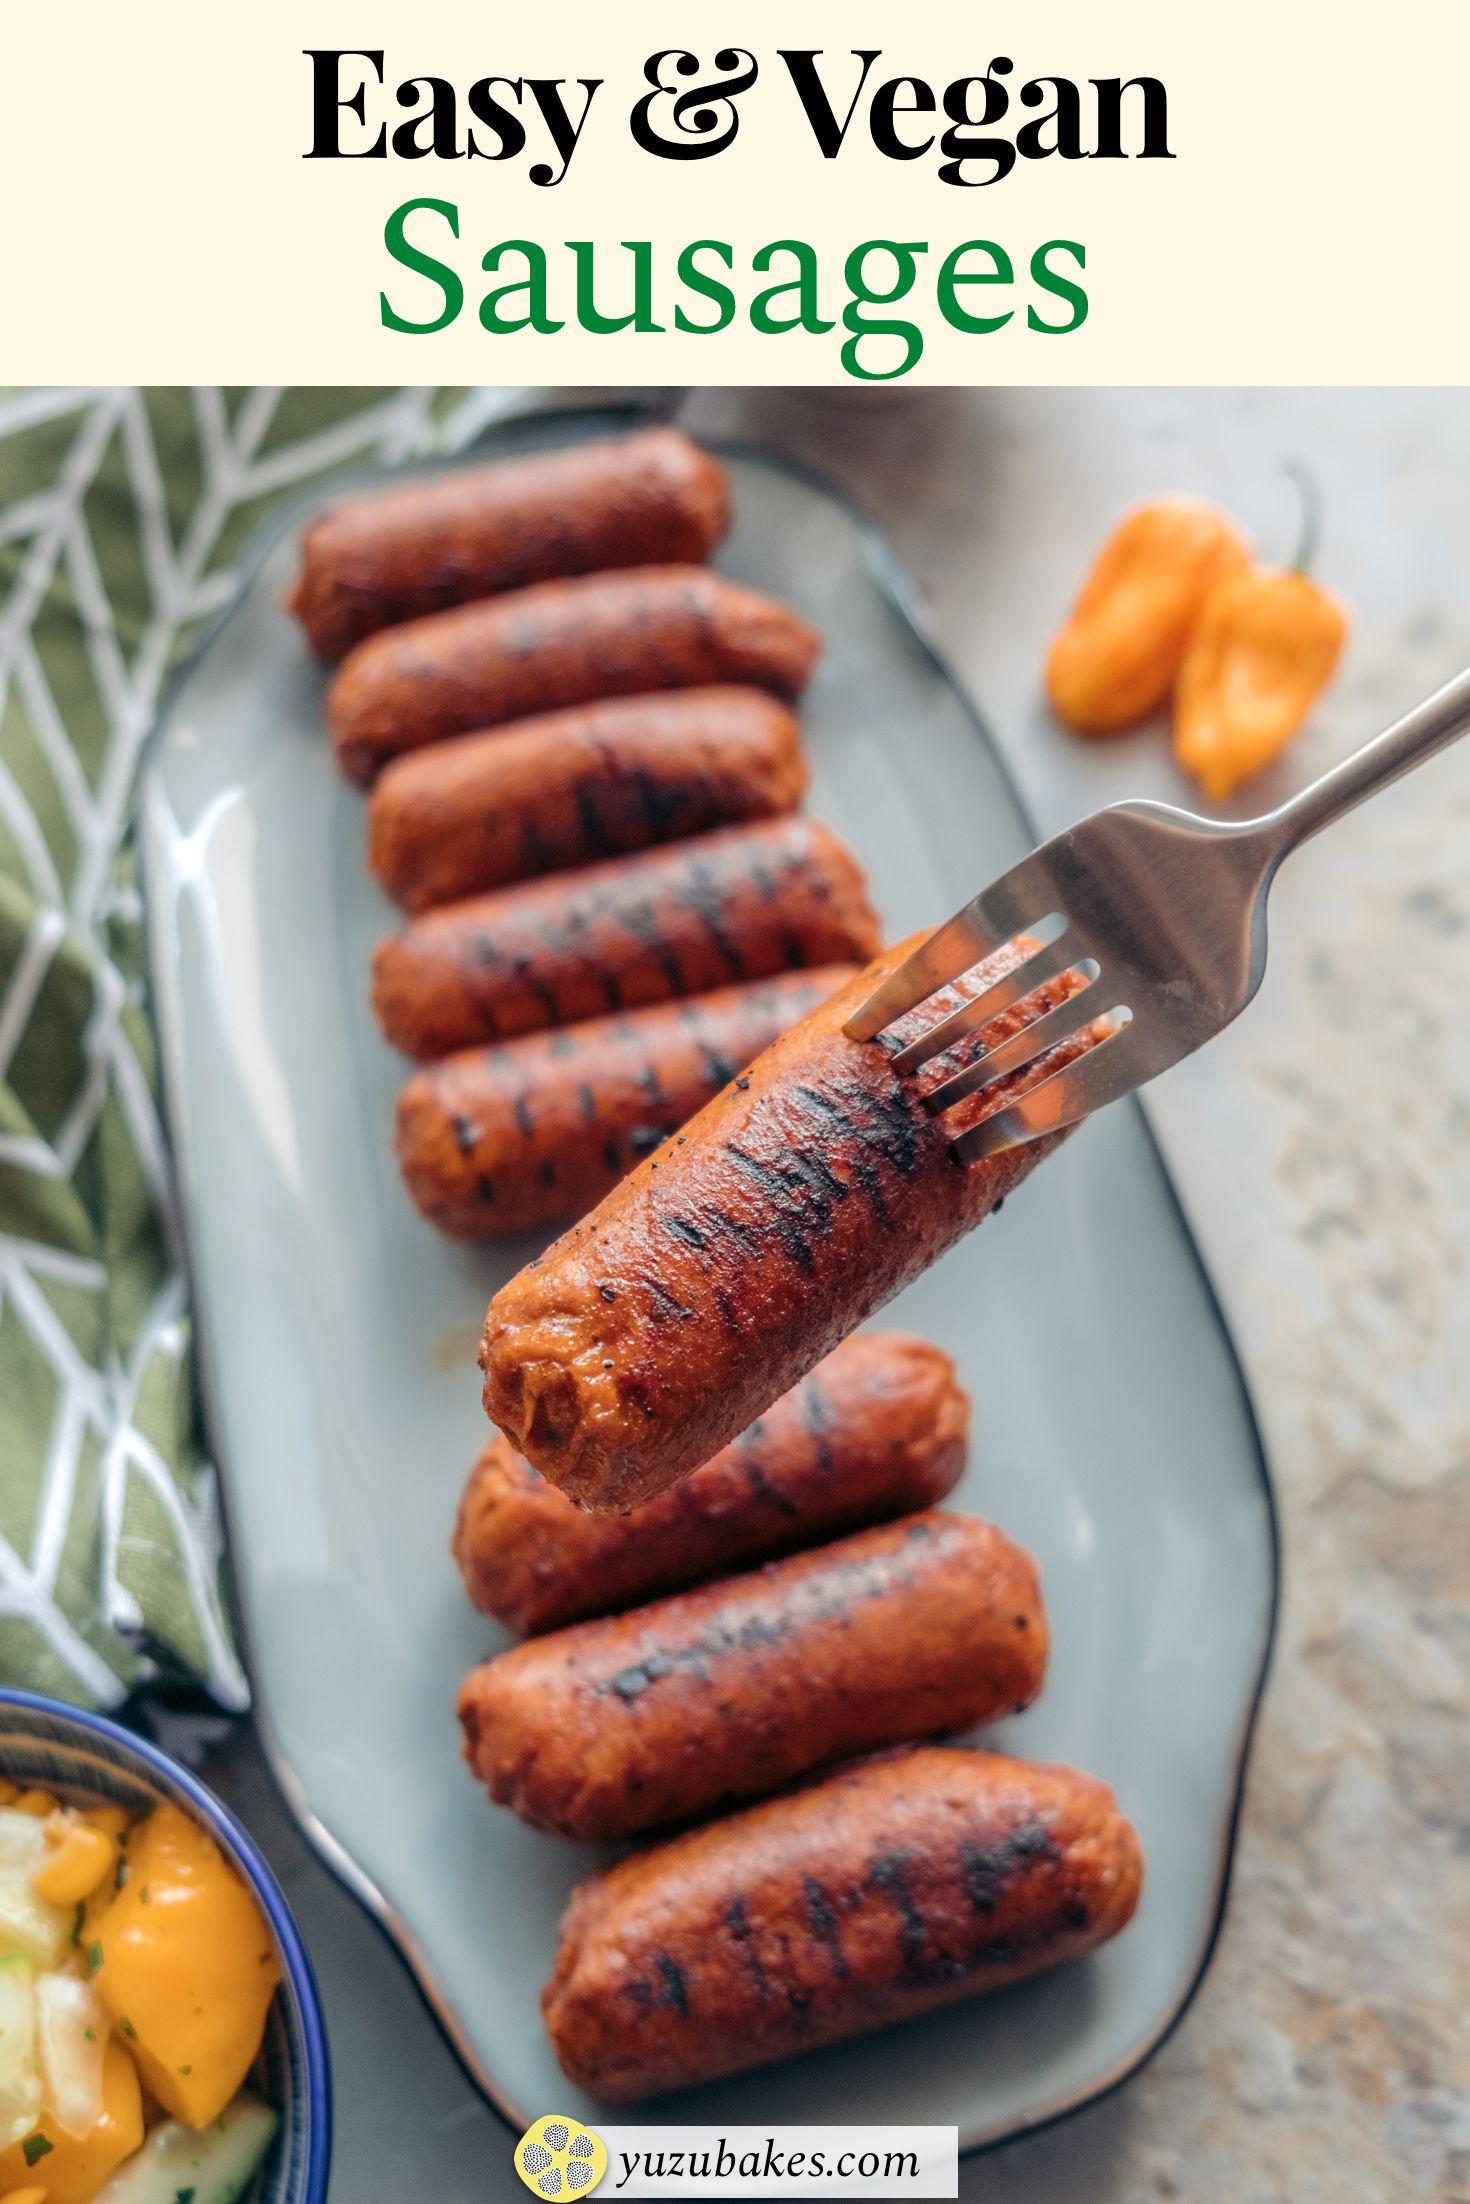 Easy Meat Free Vegan Sausages Recipe In 2020 Vegan Sausage Recipe Vegan Sausage Delicious Vegan Recipes